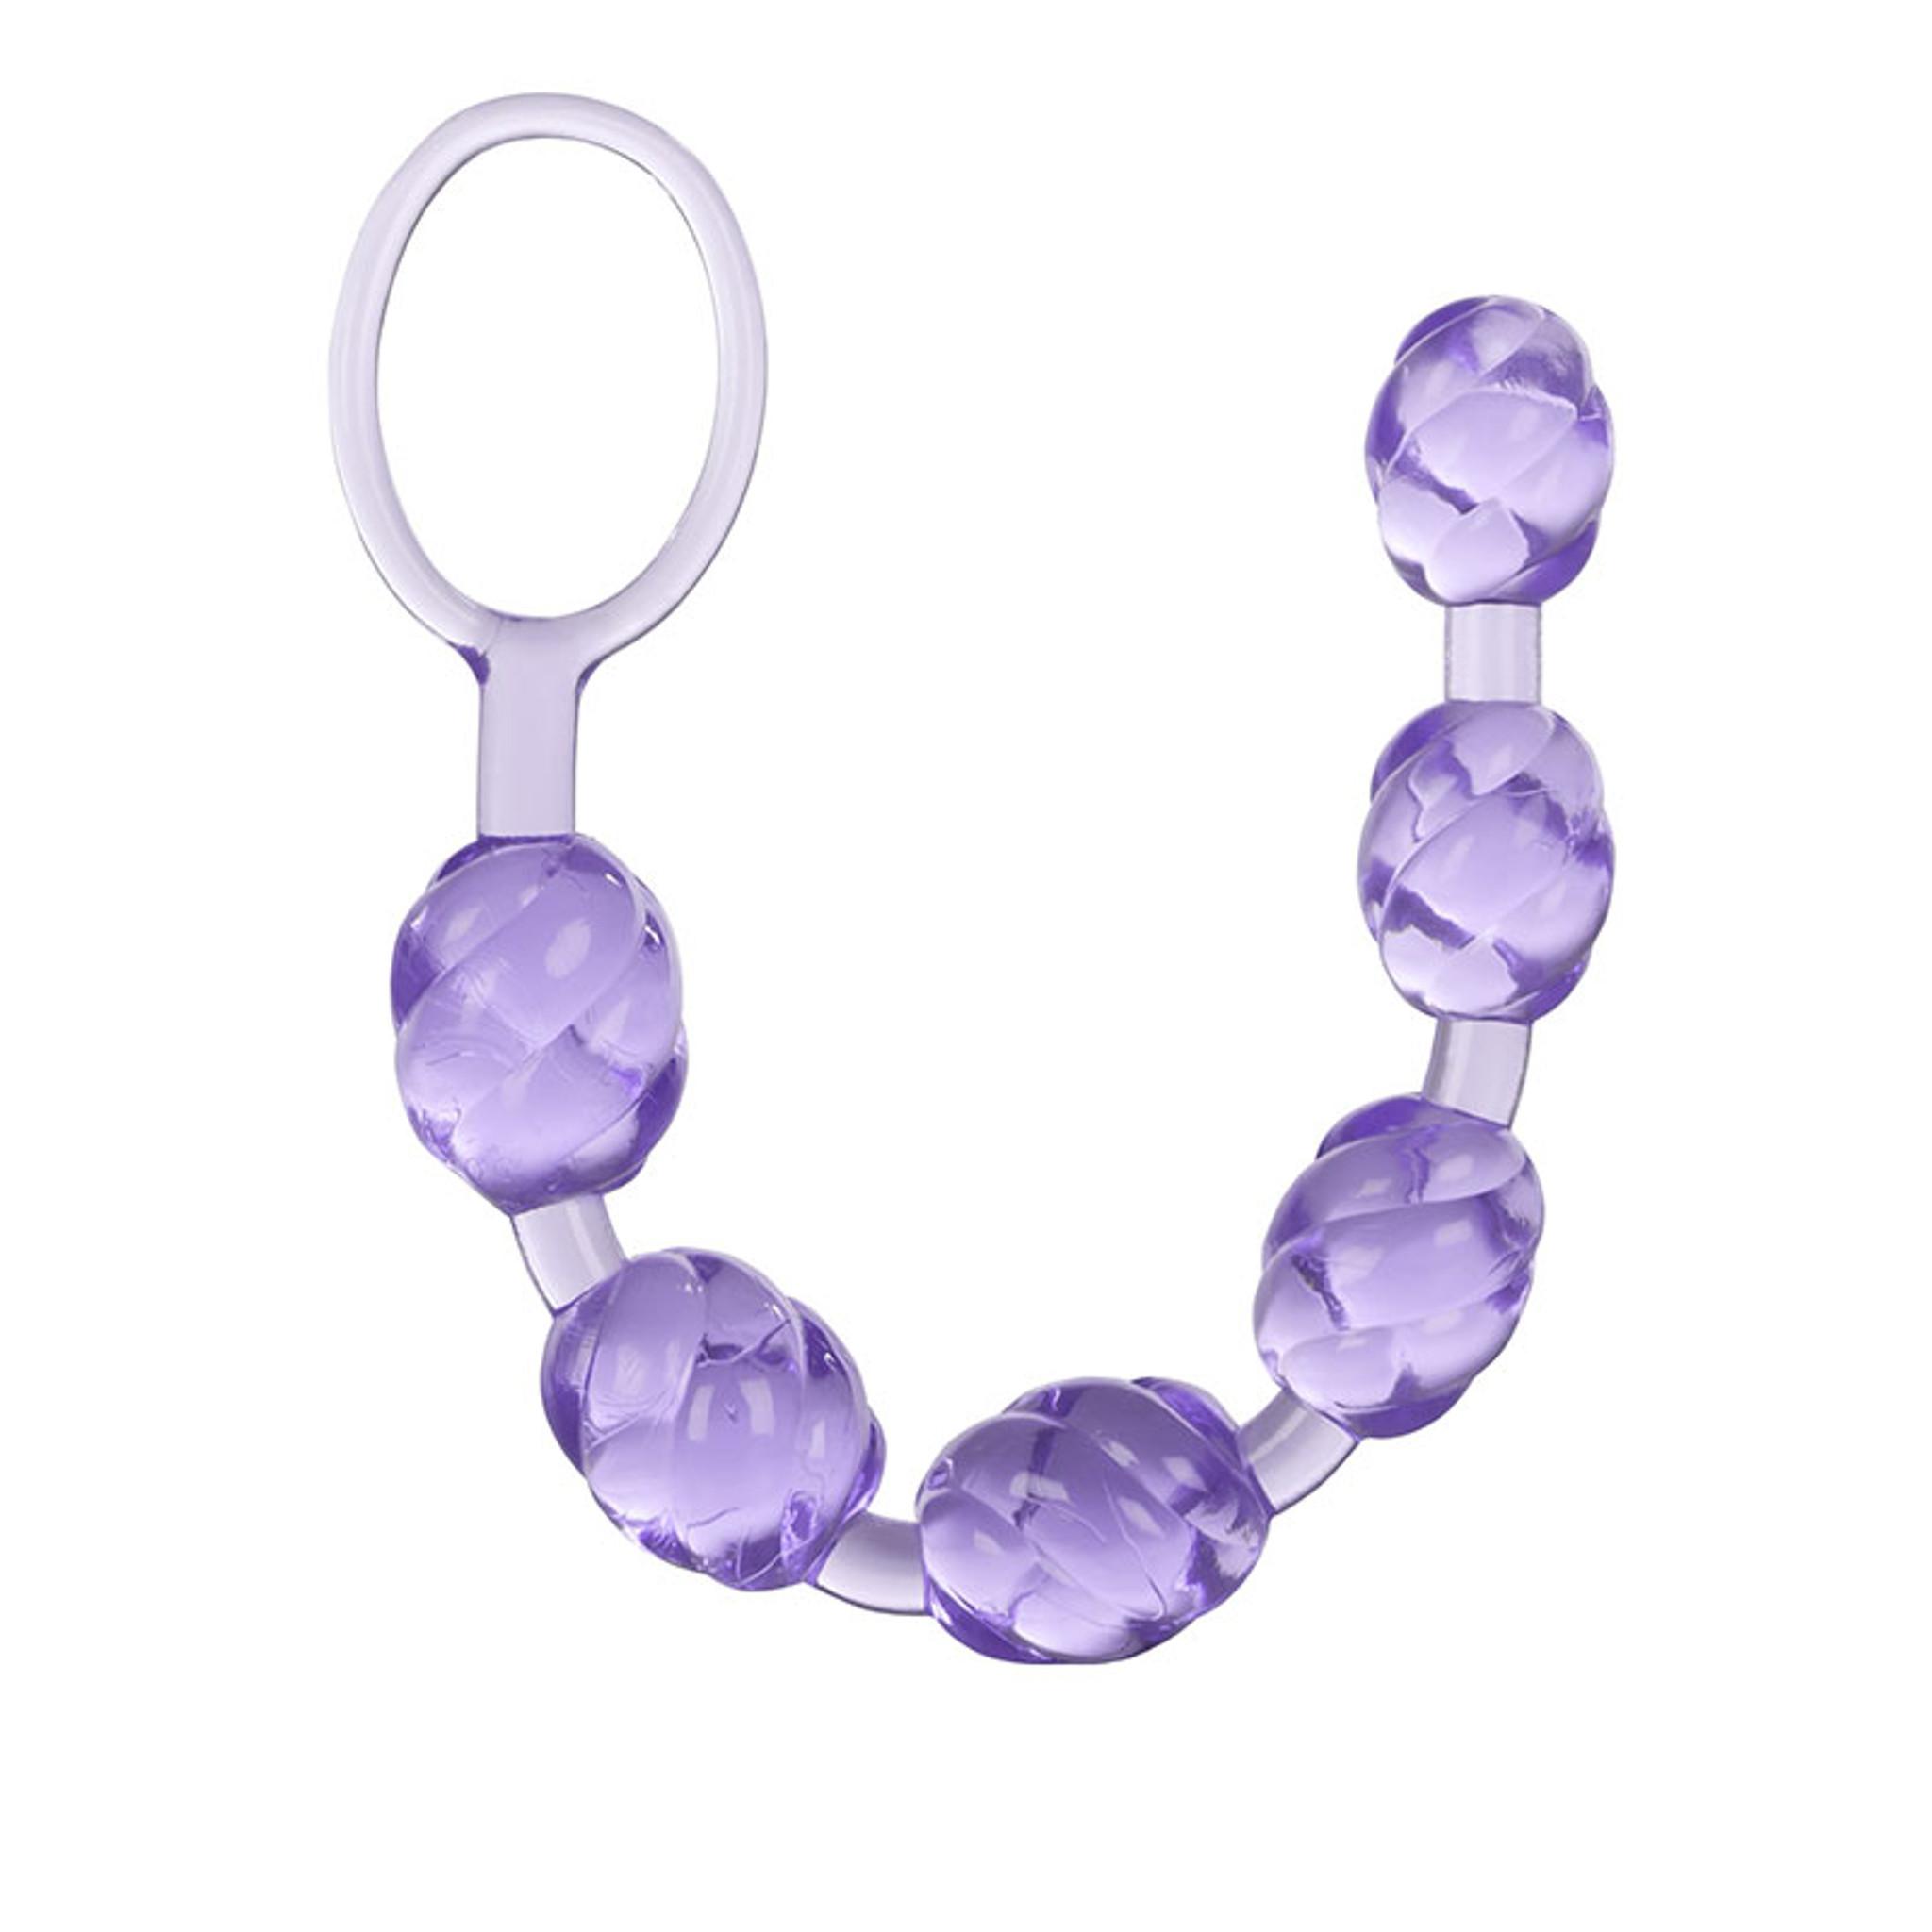 Calexotics Swirl Pleasure Beads-6215